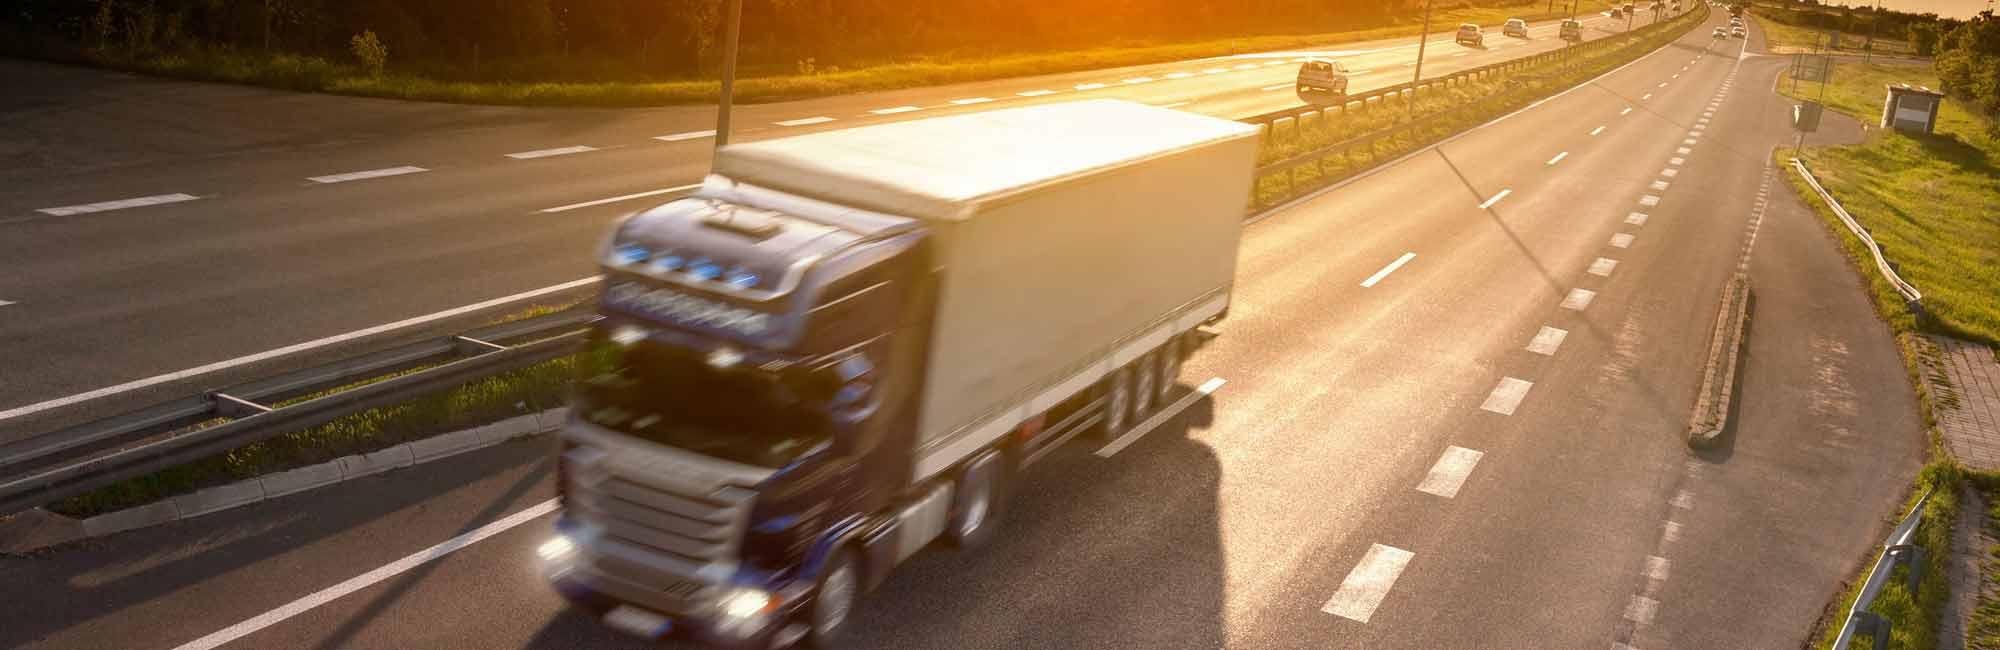 Interieurdelen op maat - Truckinterieur De Regt |  Vrachtwagenbekleding voor Scania, Volvo en DAF | Stadskanaal